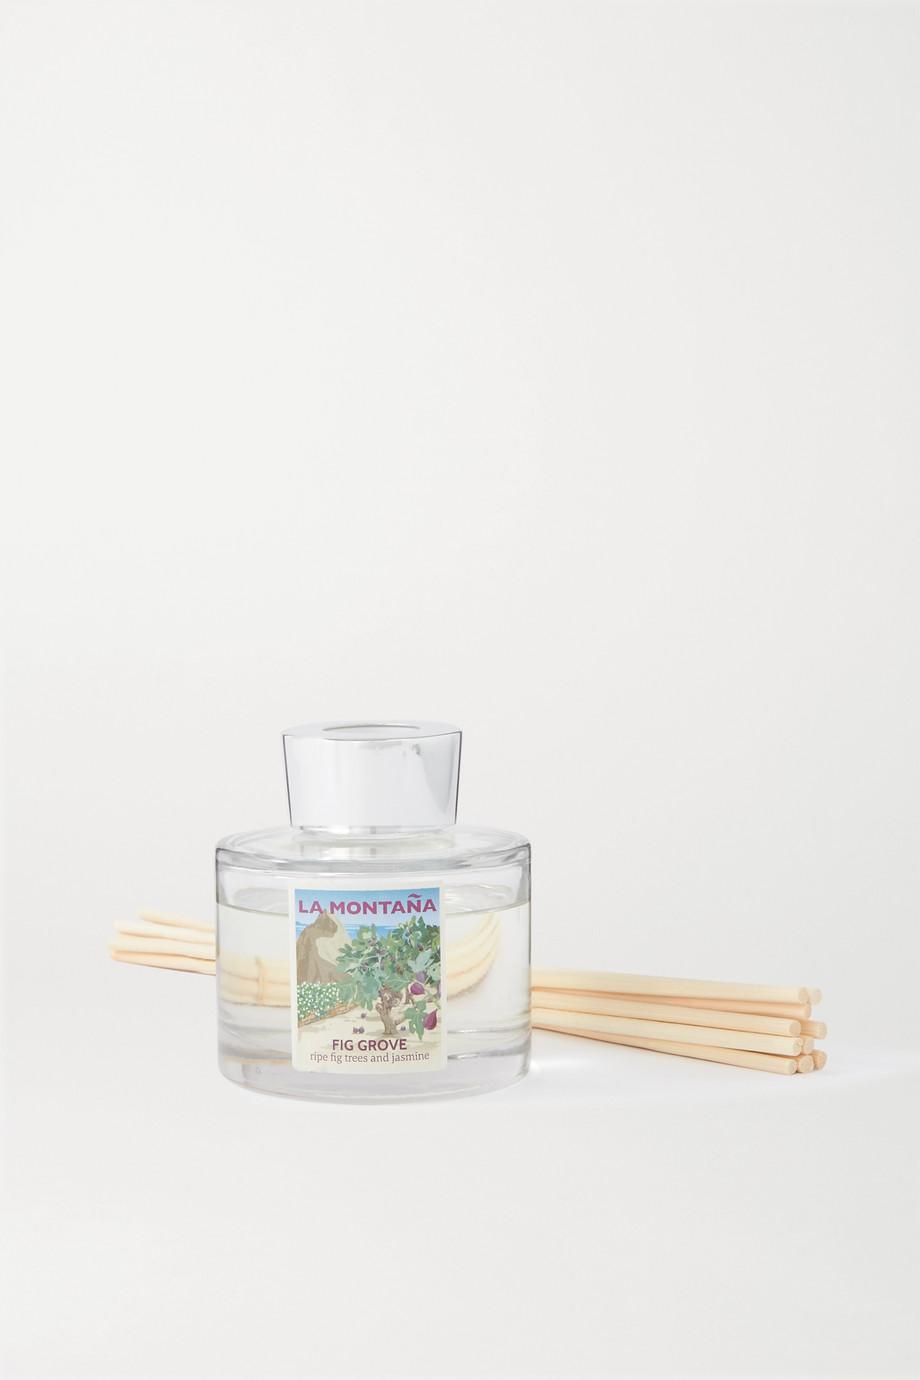 La Montaña Fig Grove Raumduft mit Schilfstäbchen, 120 ml